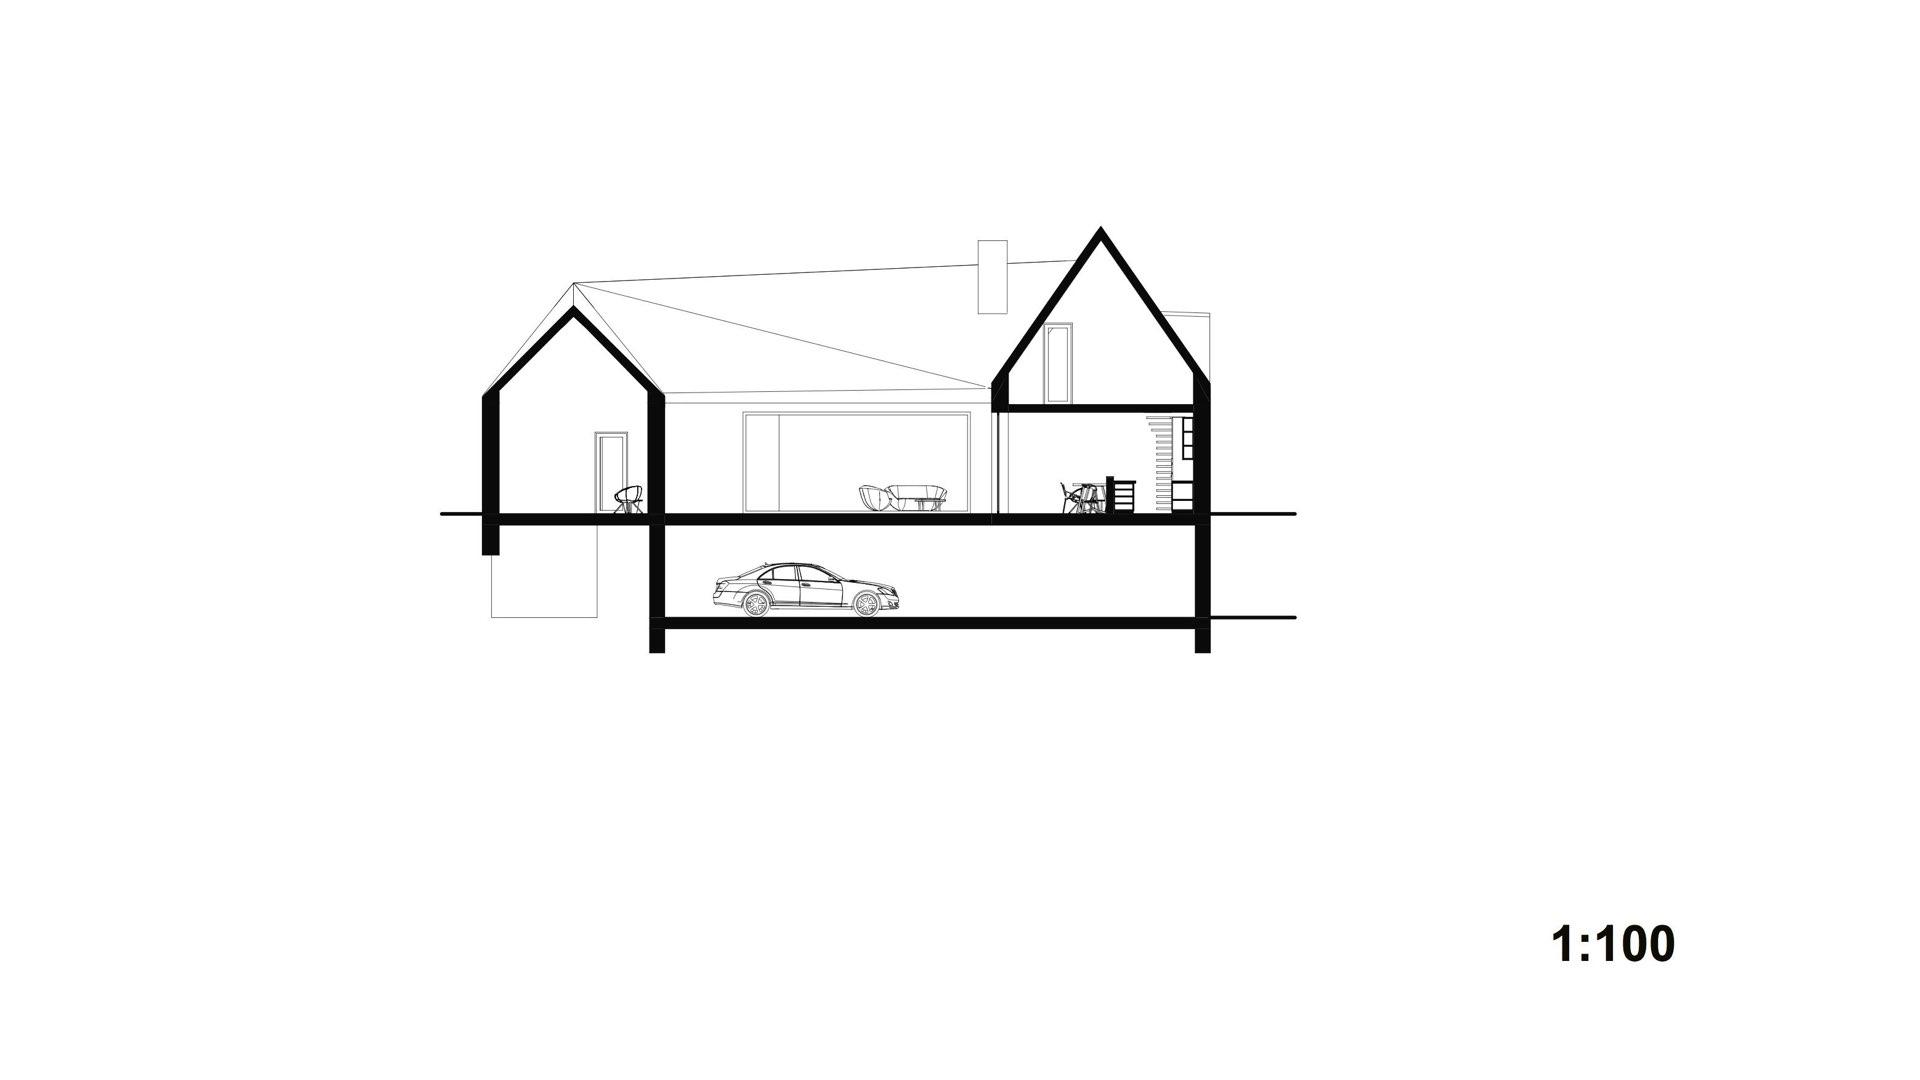 Rezidence Jenerálka KKCG - řez rodinného domu (statek). Autor: Kurz architekti